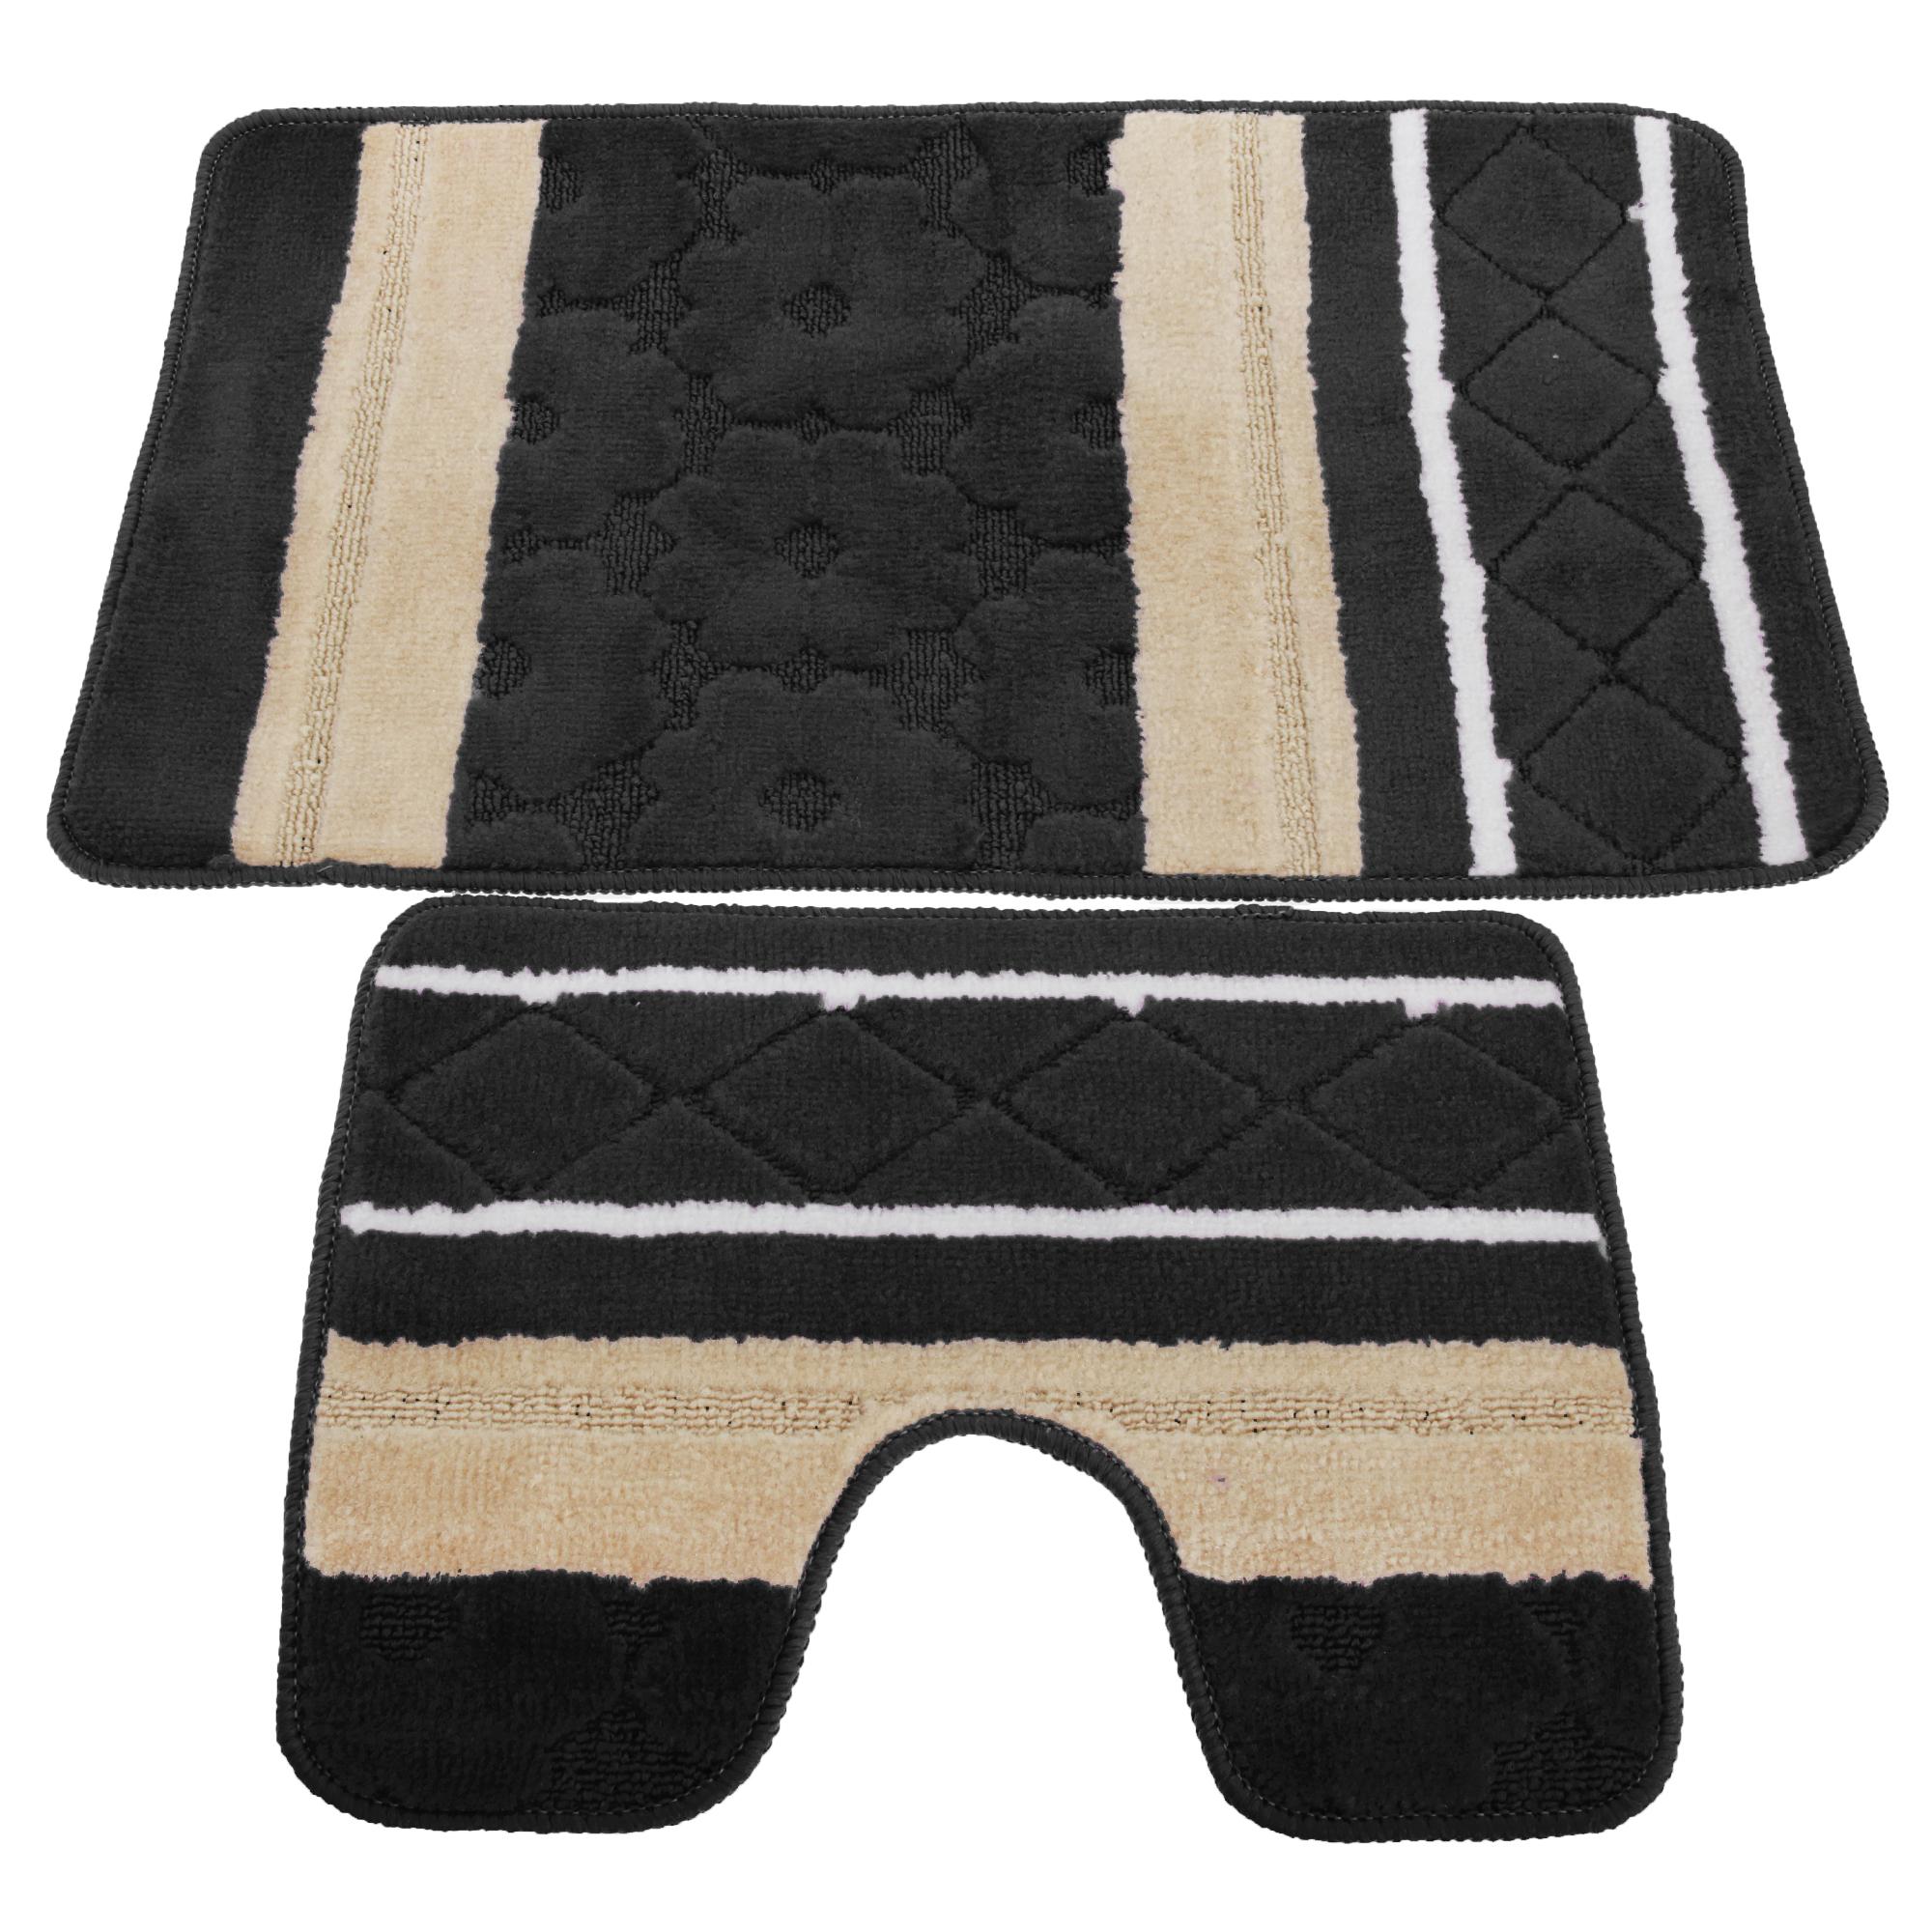 Coppia di tappetini a strisce per il bagno - Tappetini per bagno ...